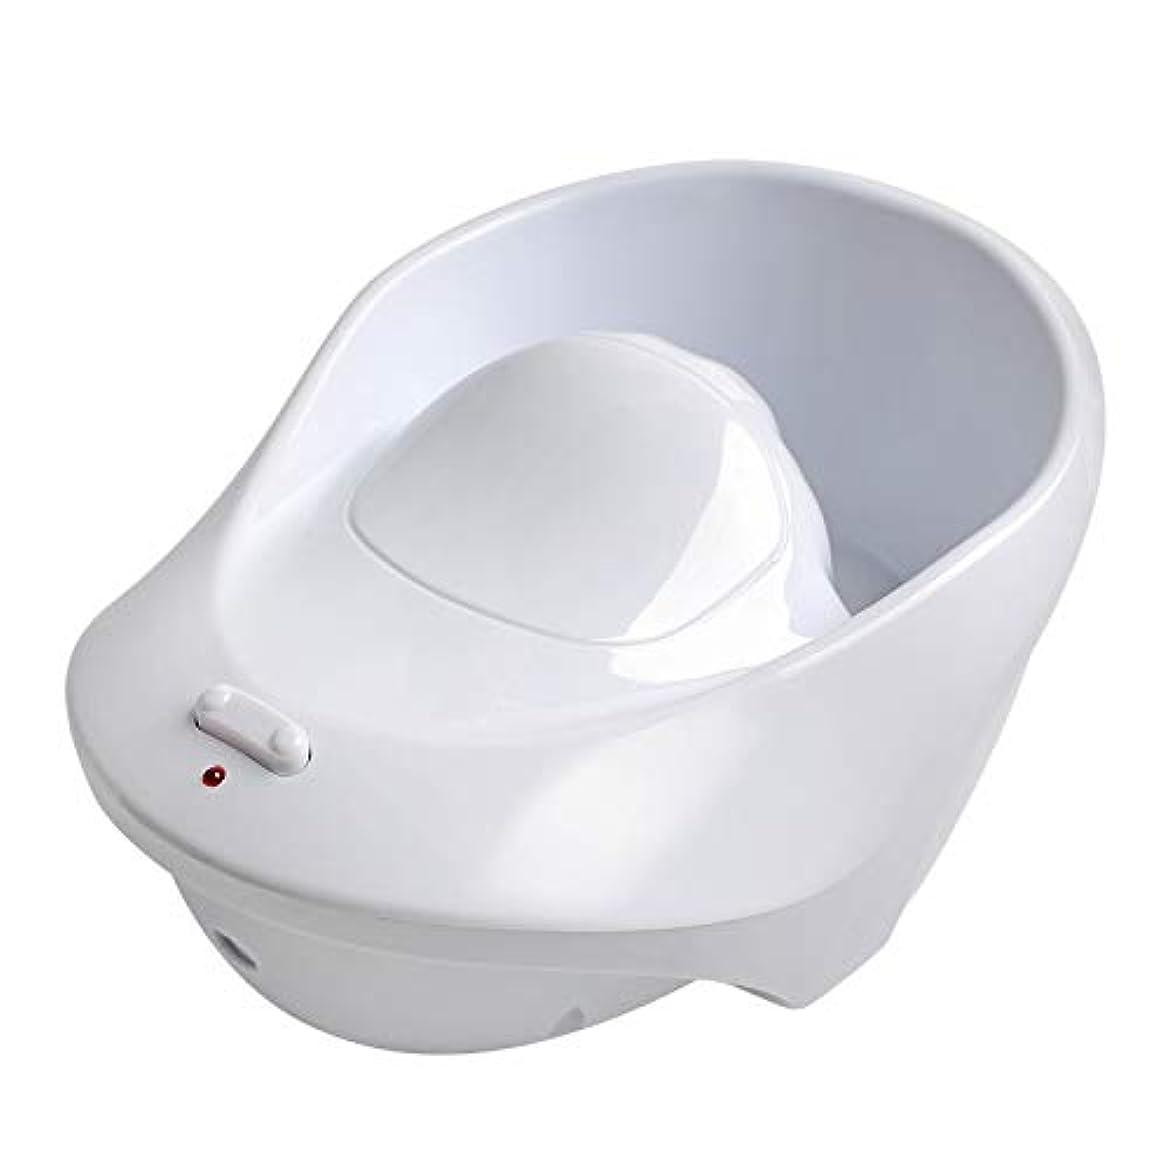 マニキュア、マニキュア指のネイルアート治療リムーバー洗浄ツール用のボウル空気泡洗浄機オフ電気ソーク